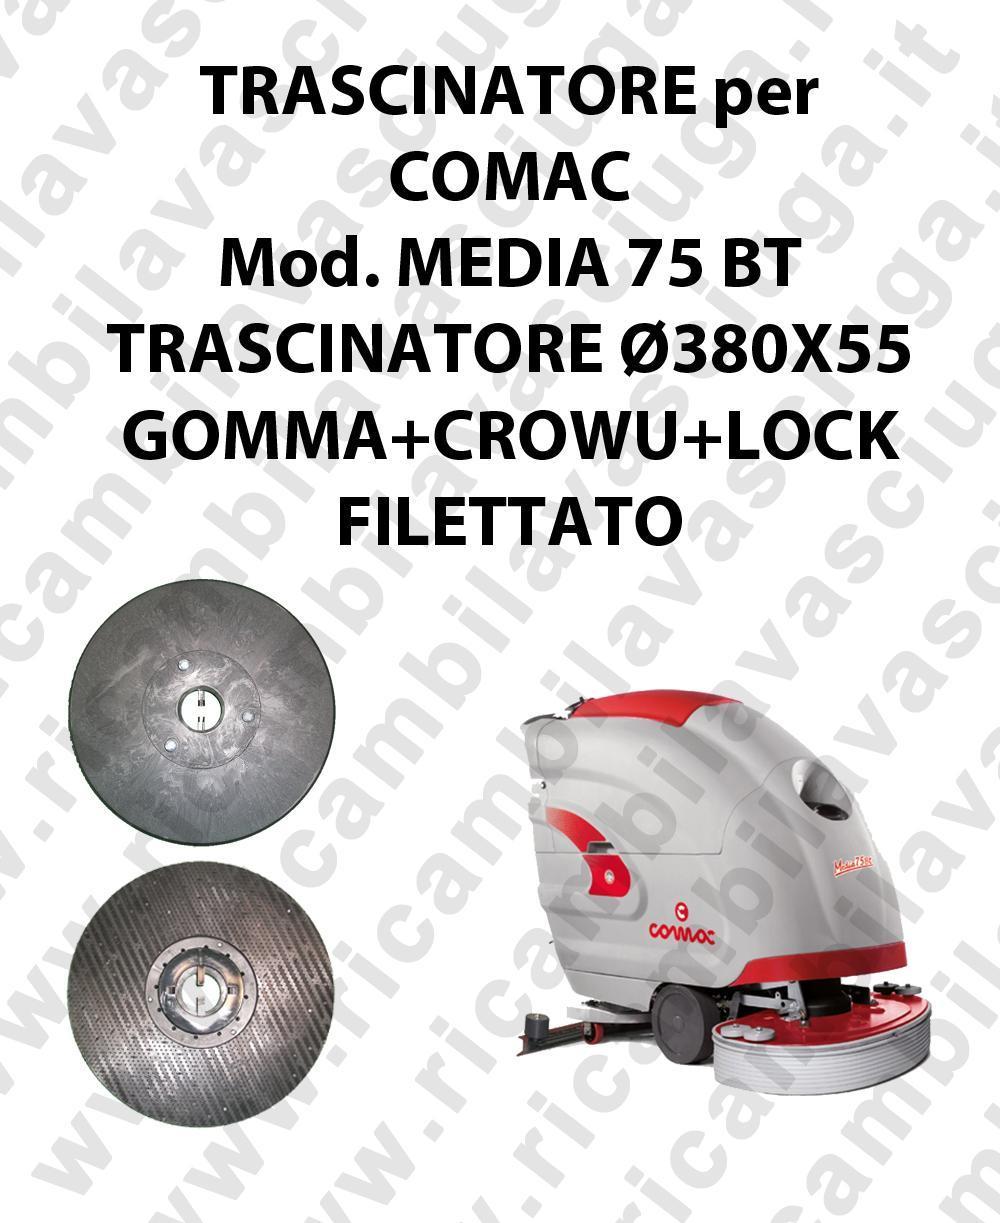 MEDIA 75 BT Treiberteller für scheuersaugmaschinen COMAC